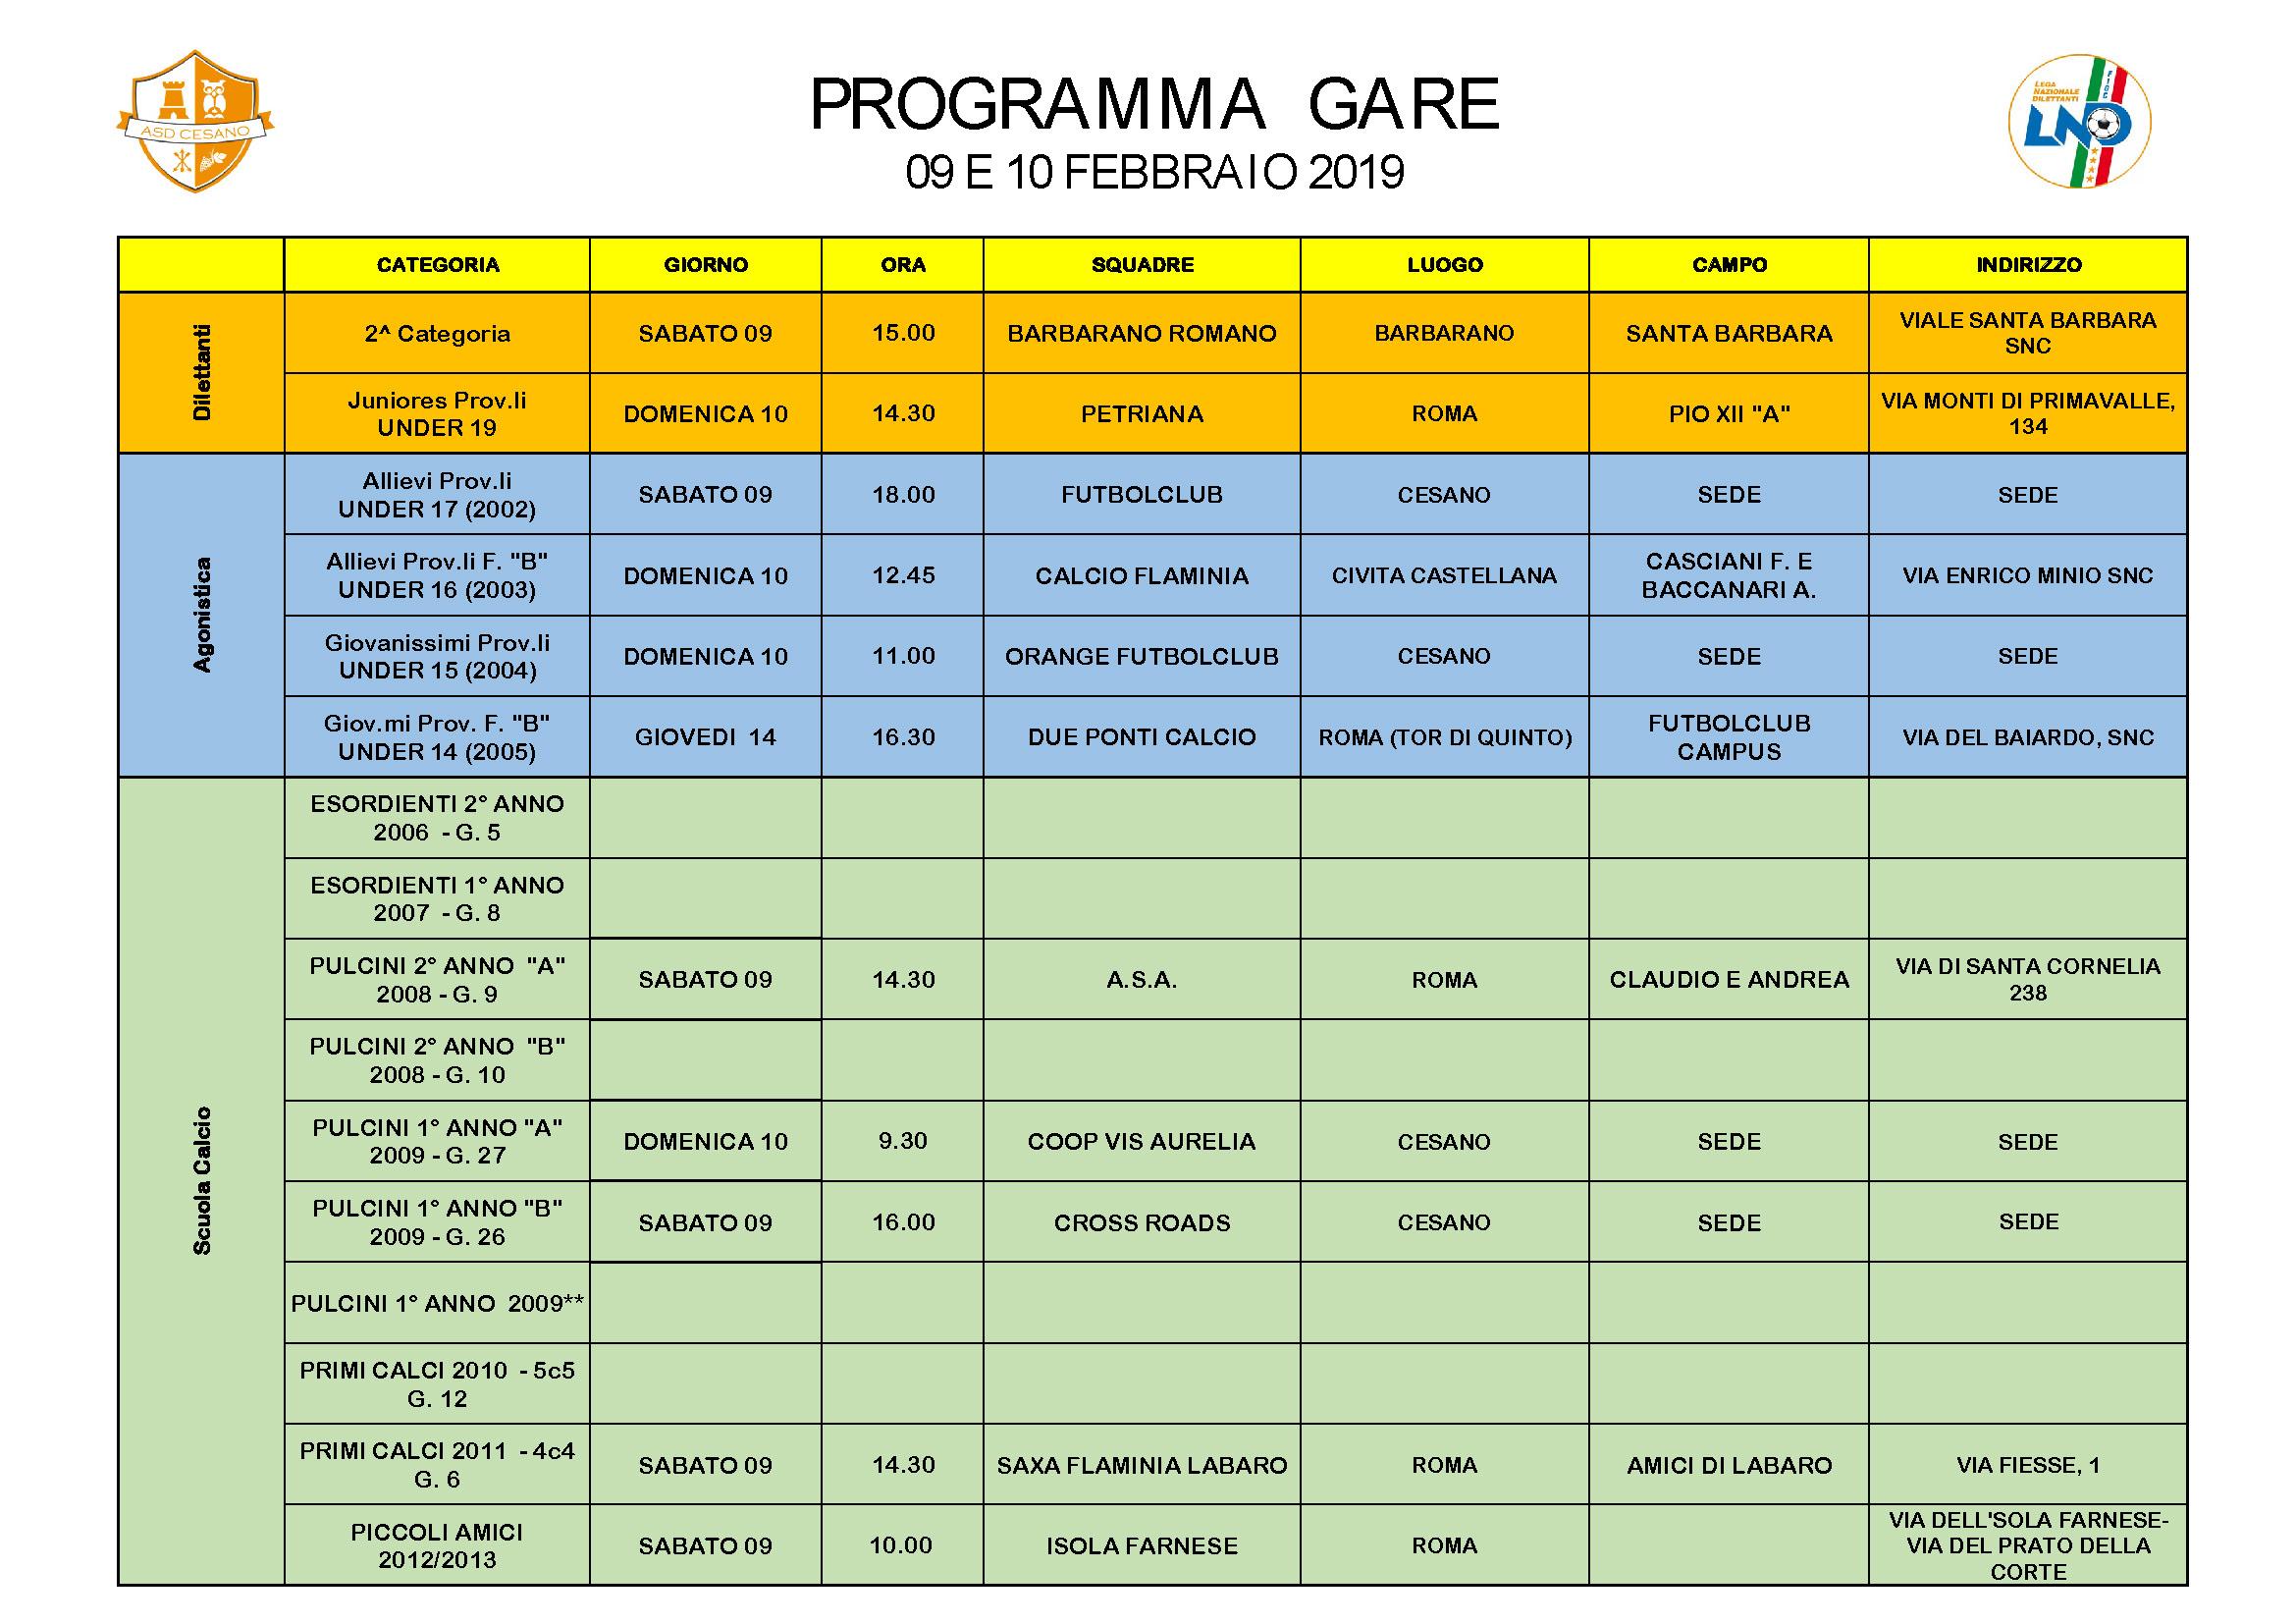 Programma gare 09-02-2019